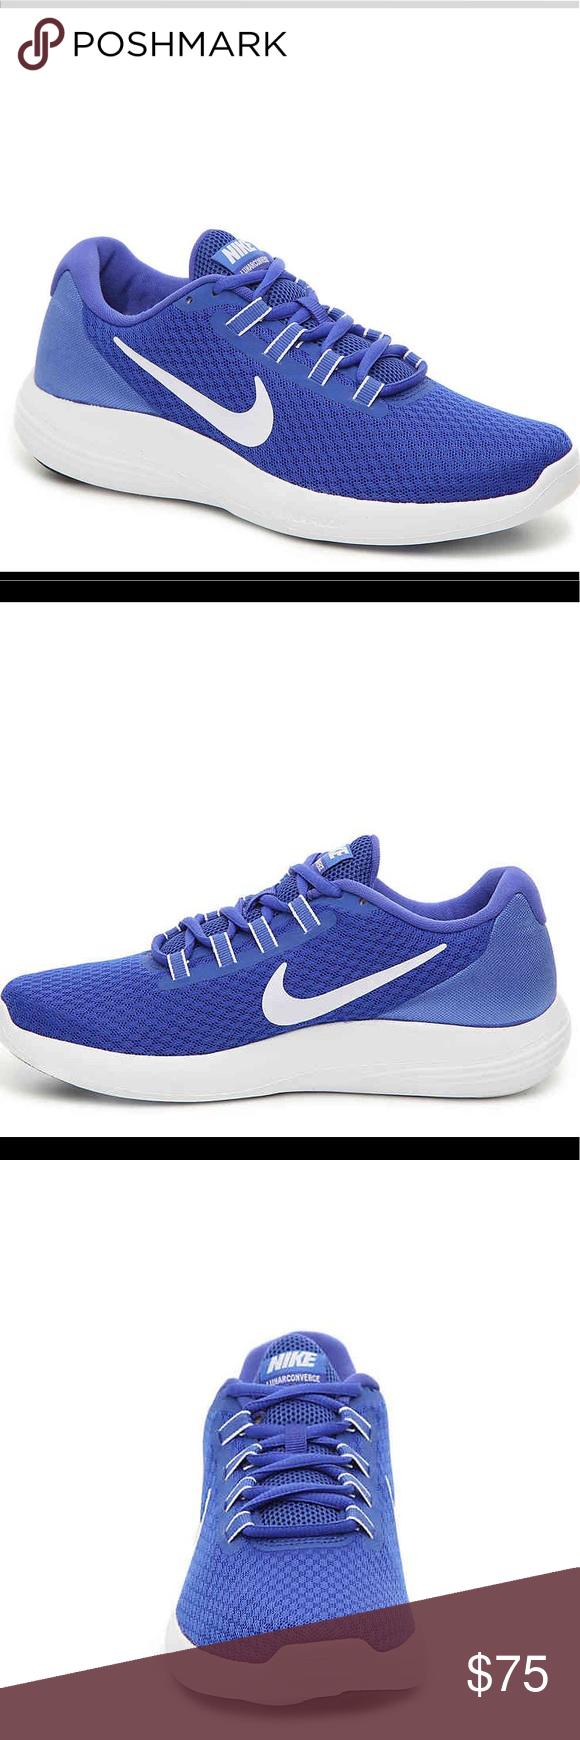 NIKE Lightweight Running Shoes Lightweight running shoes